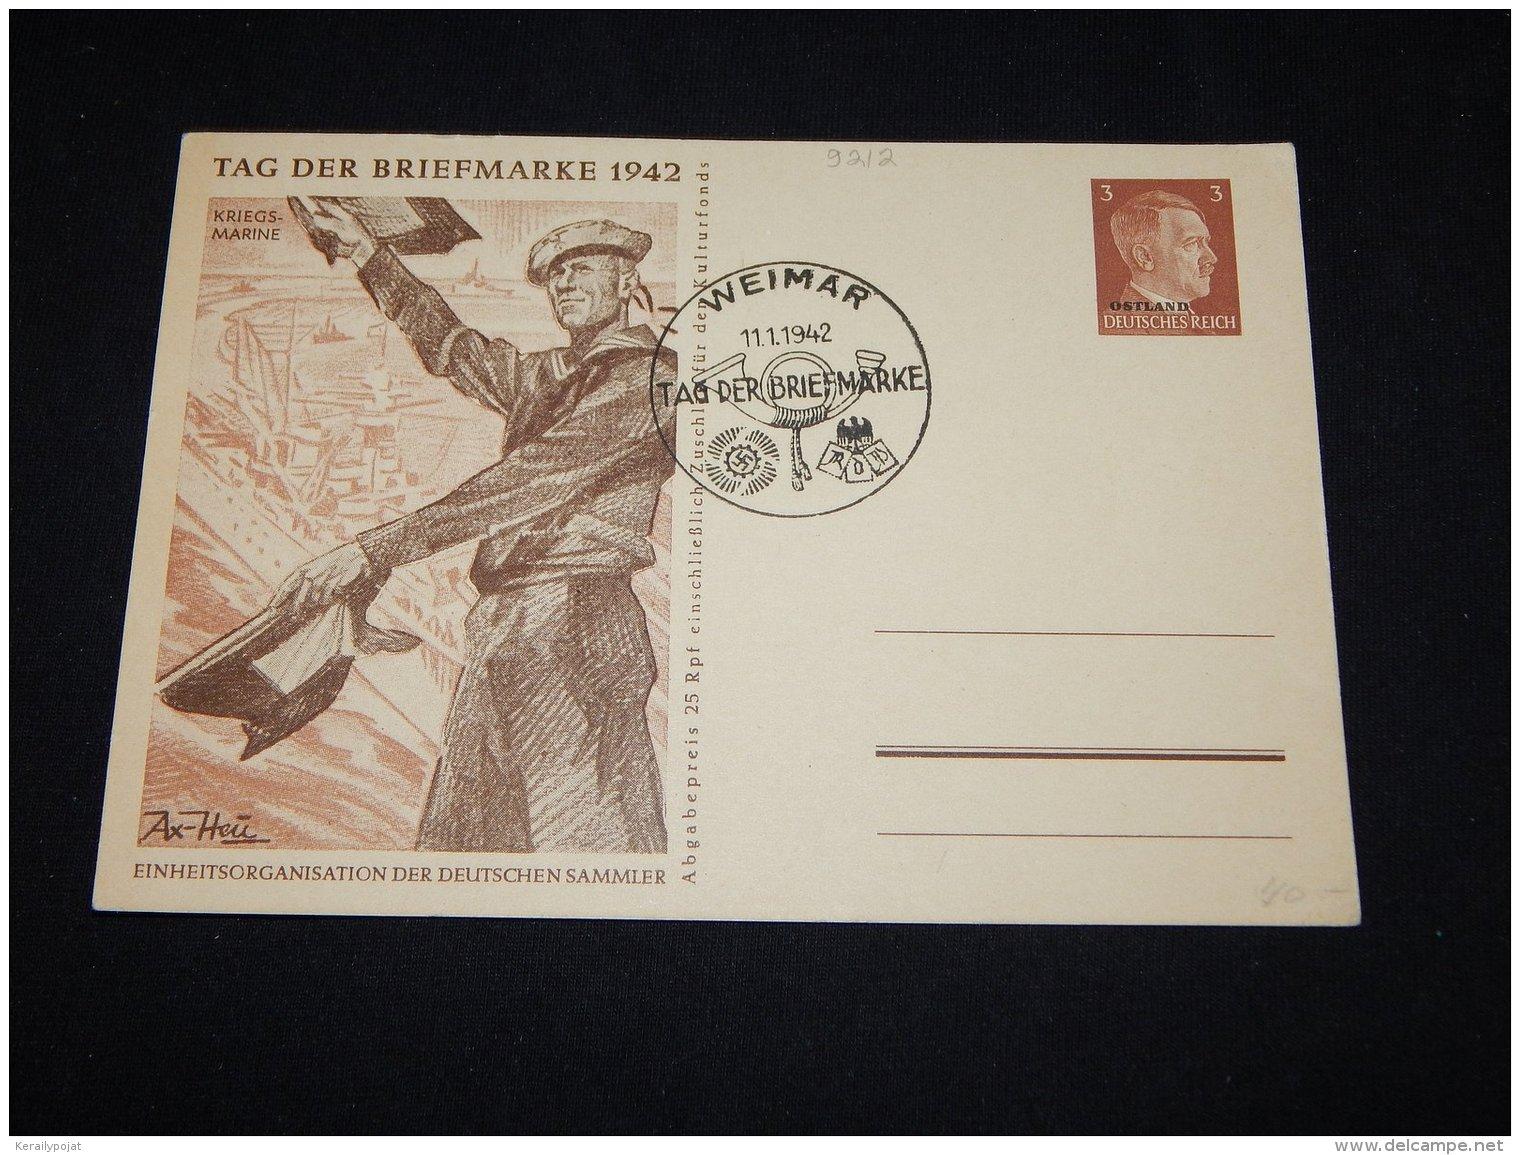 Germany Ostland 1942 Weimar 3pf Tag Der Briefmarke Stationery Card__(L-9212) - Occupation 1938-45